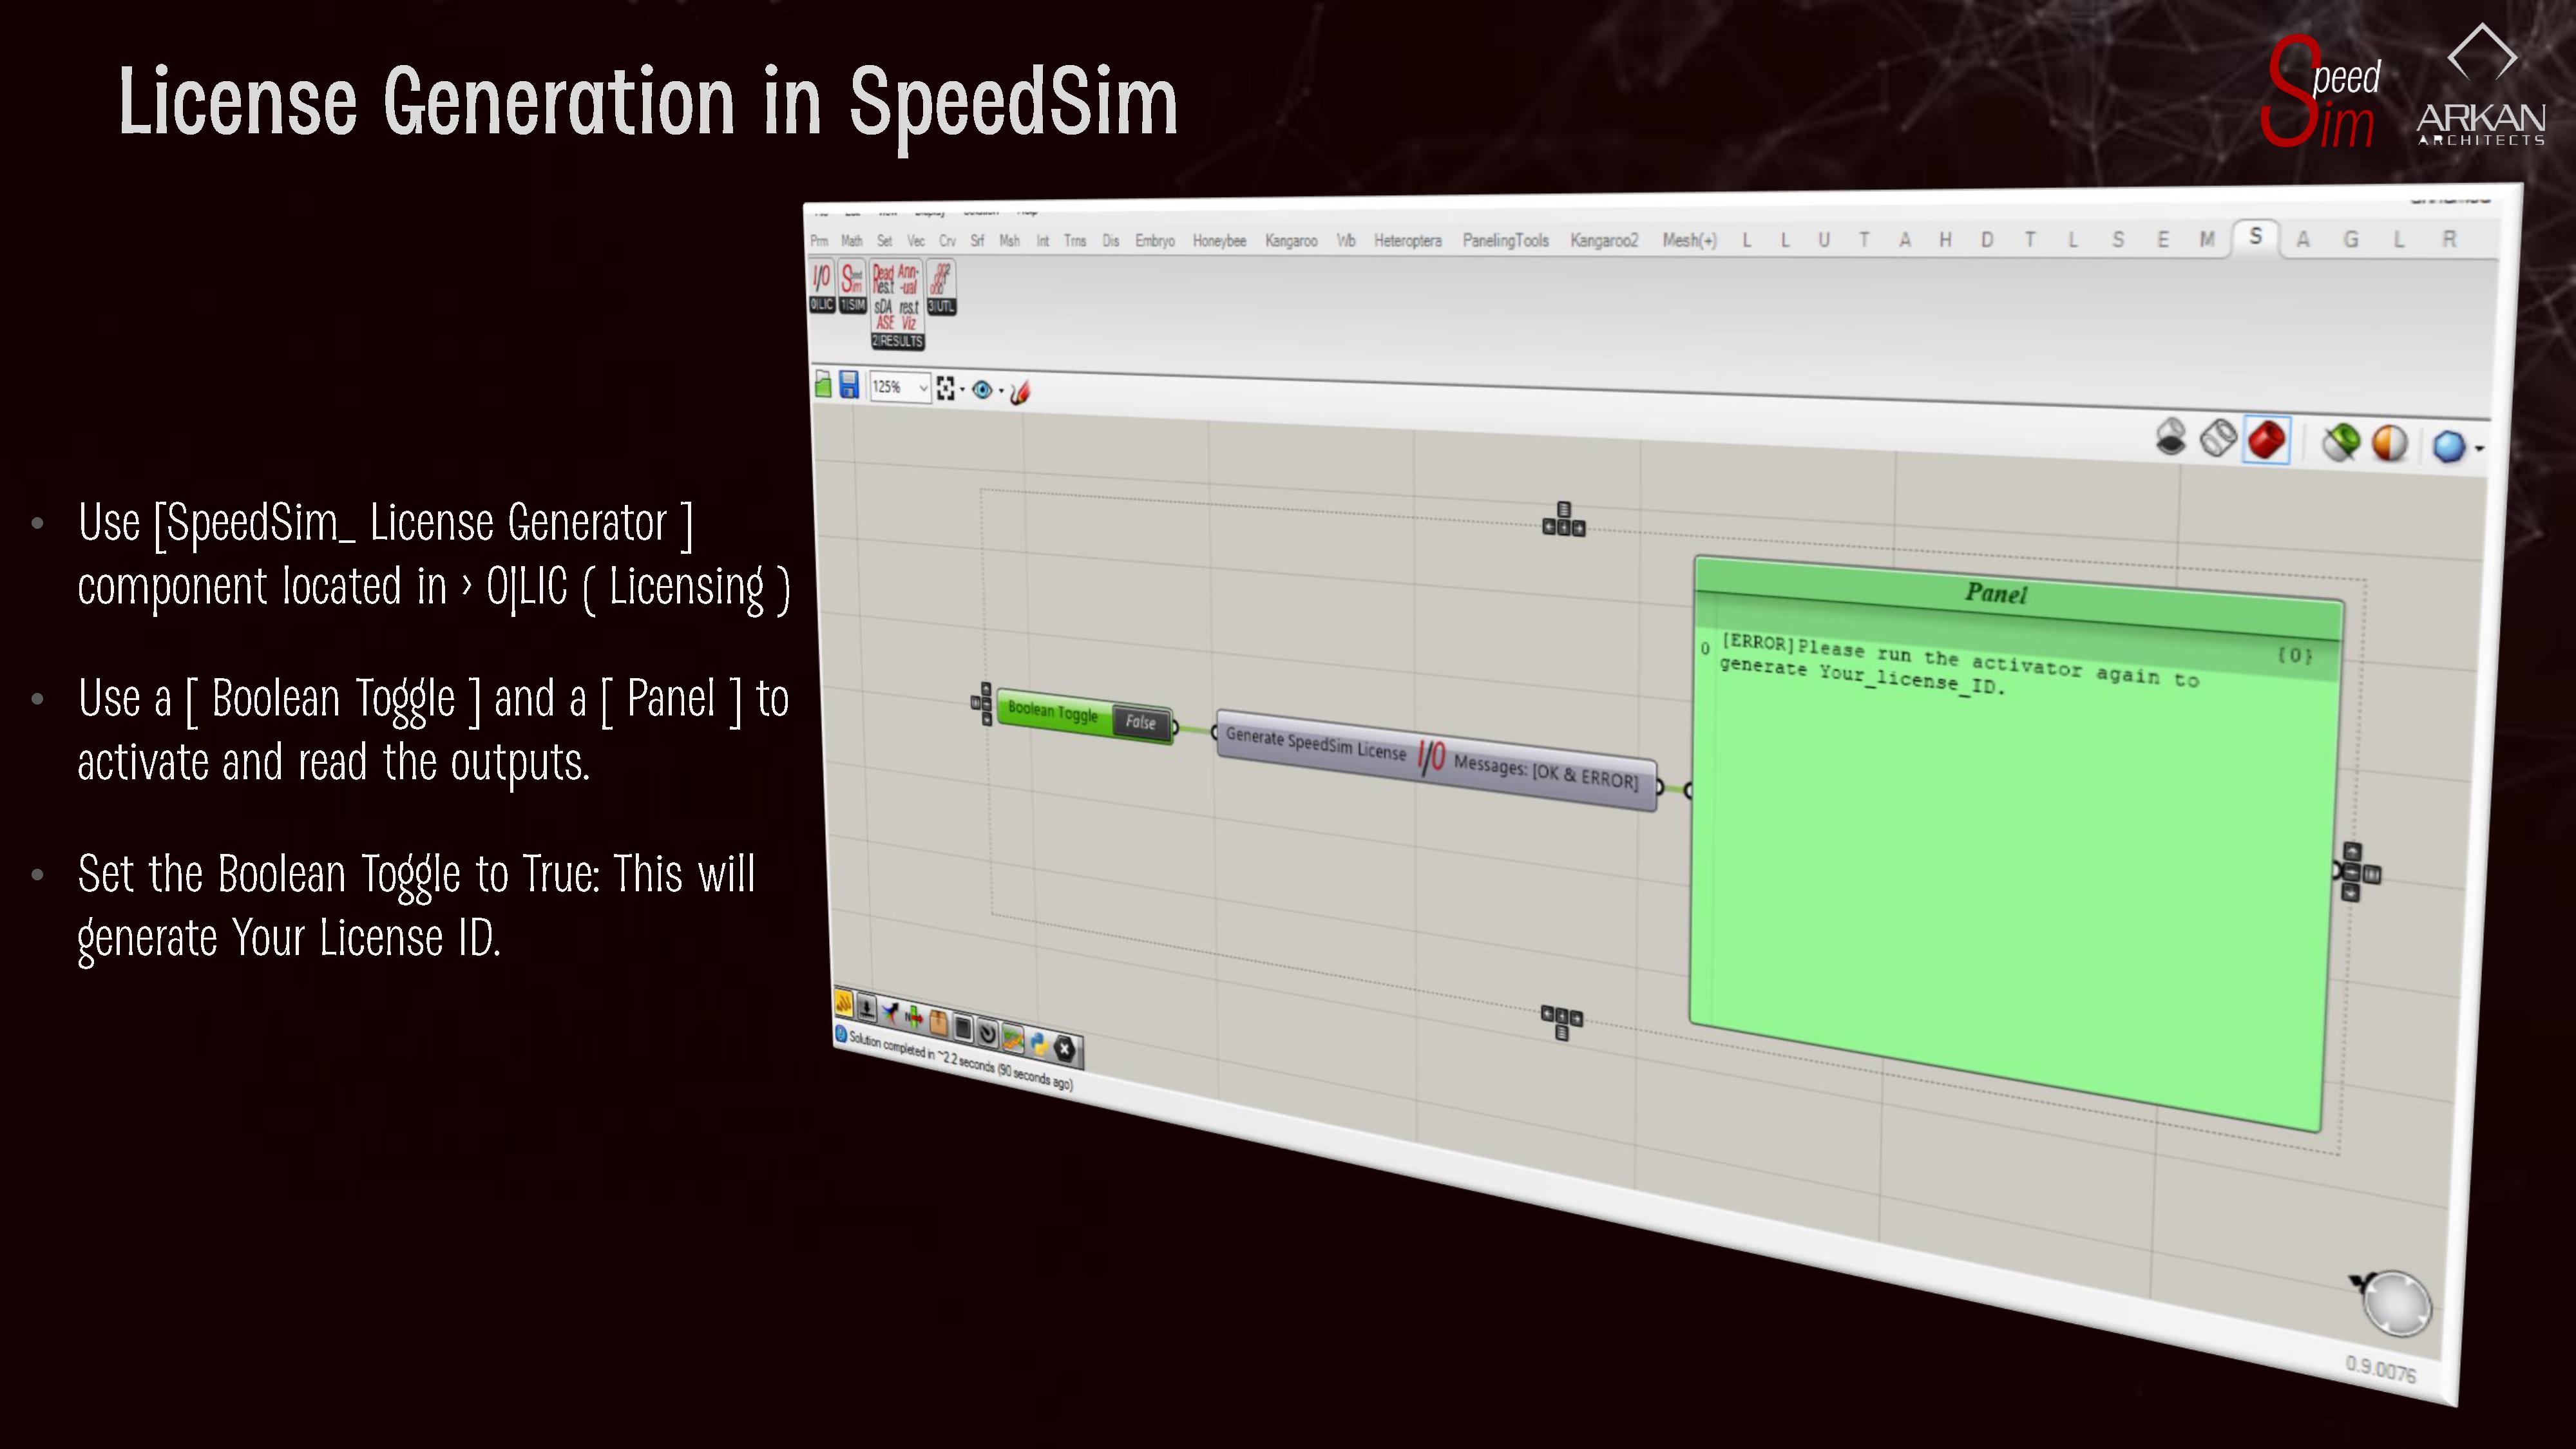 License Generation in SpeedSim